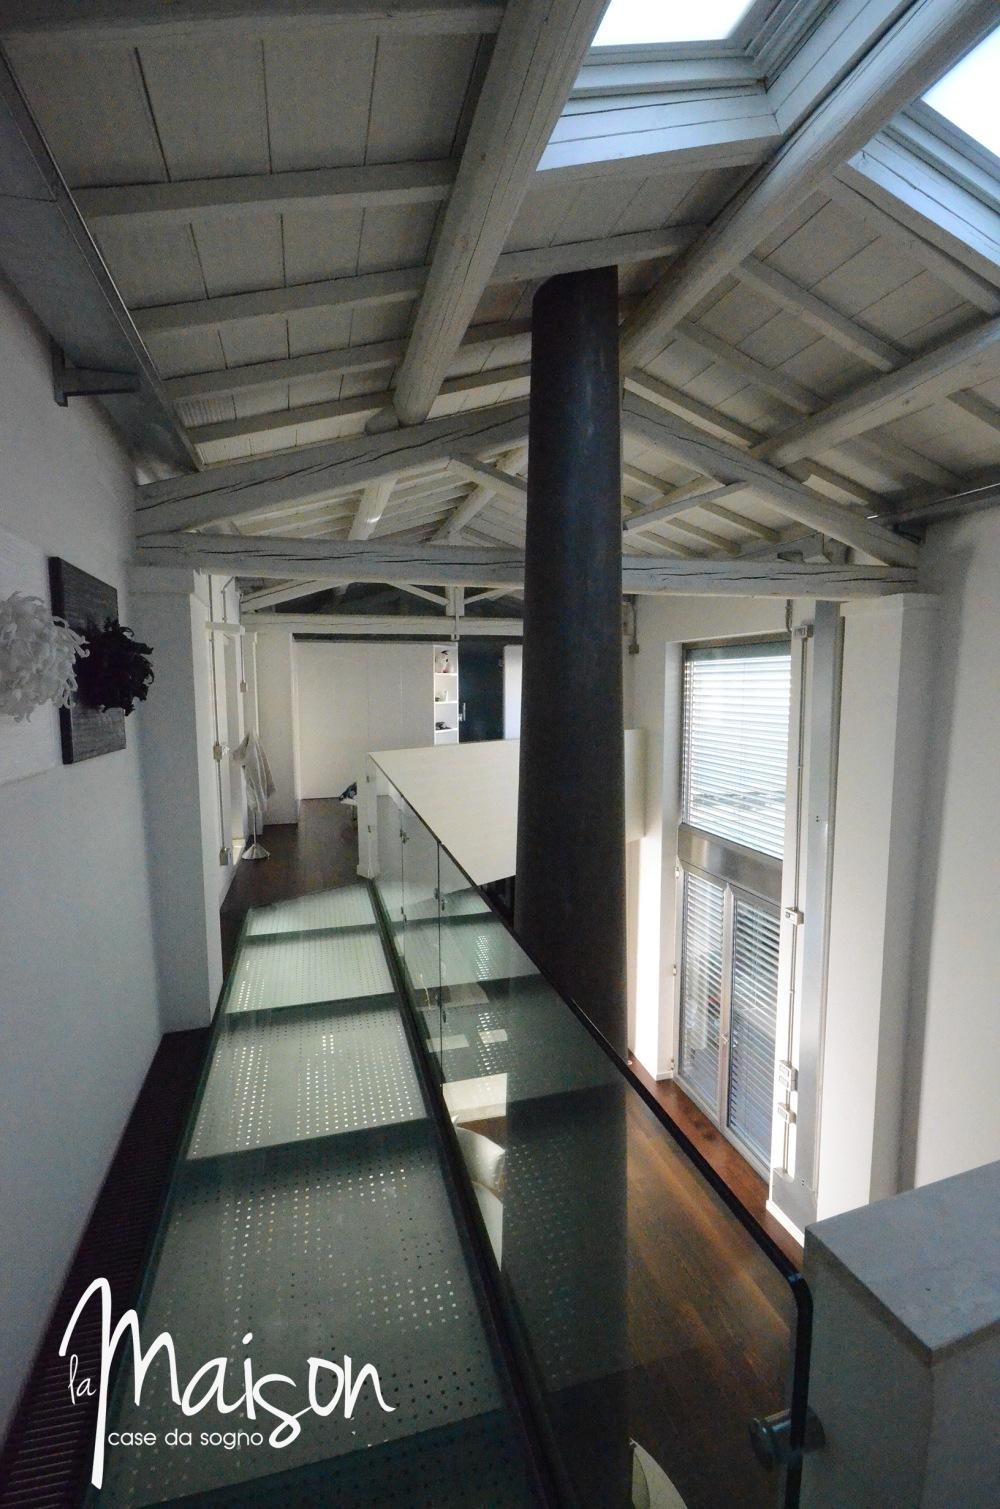 loft in vendita a prato case vendita prato studio immobiliare santa lucia agenzia immobiliare la maison case da sogno prato loft con giardino03.JPG